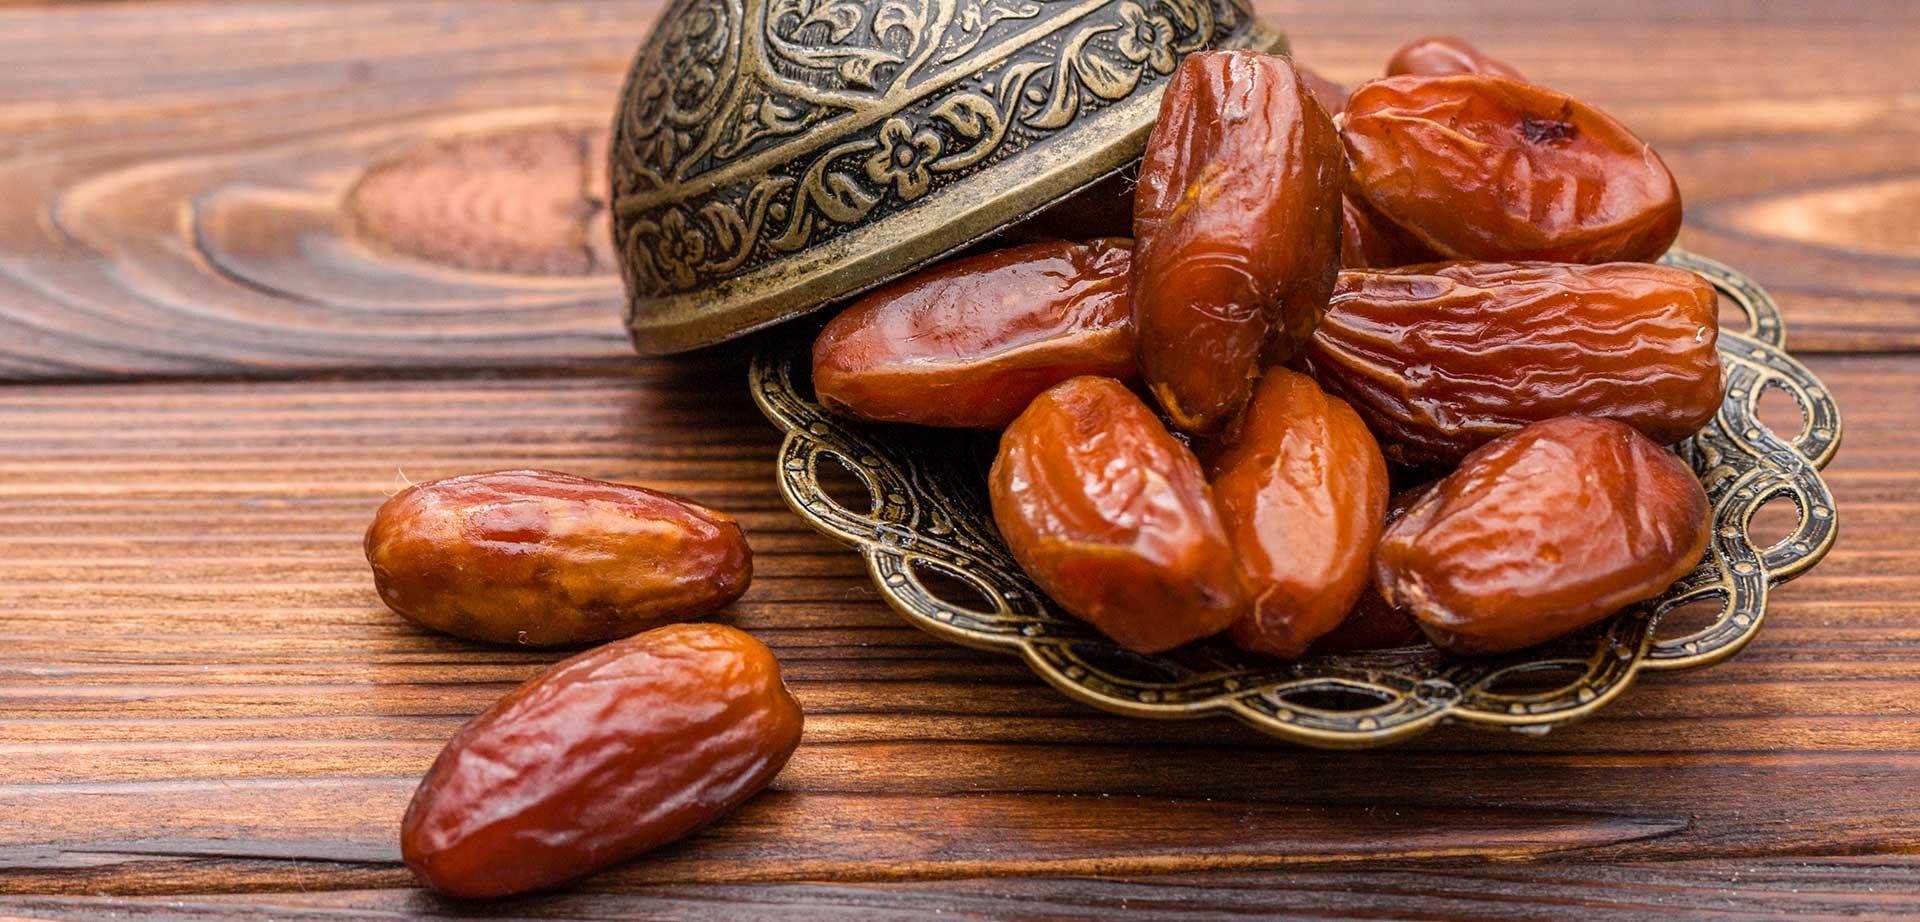 Premium Begum Jangi Dates